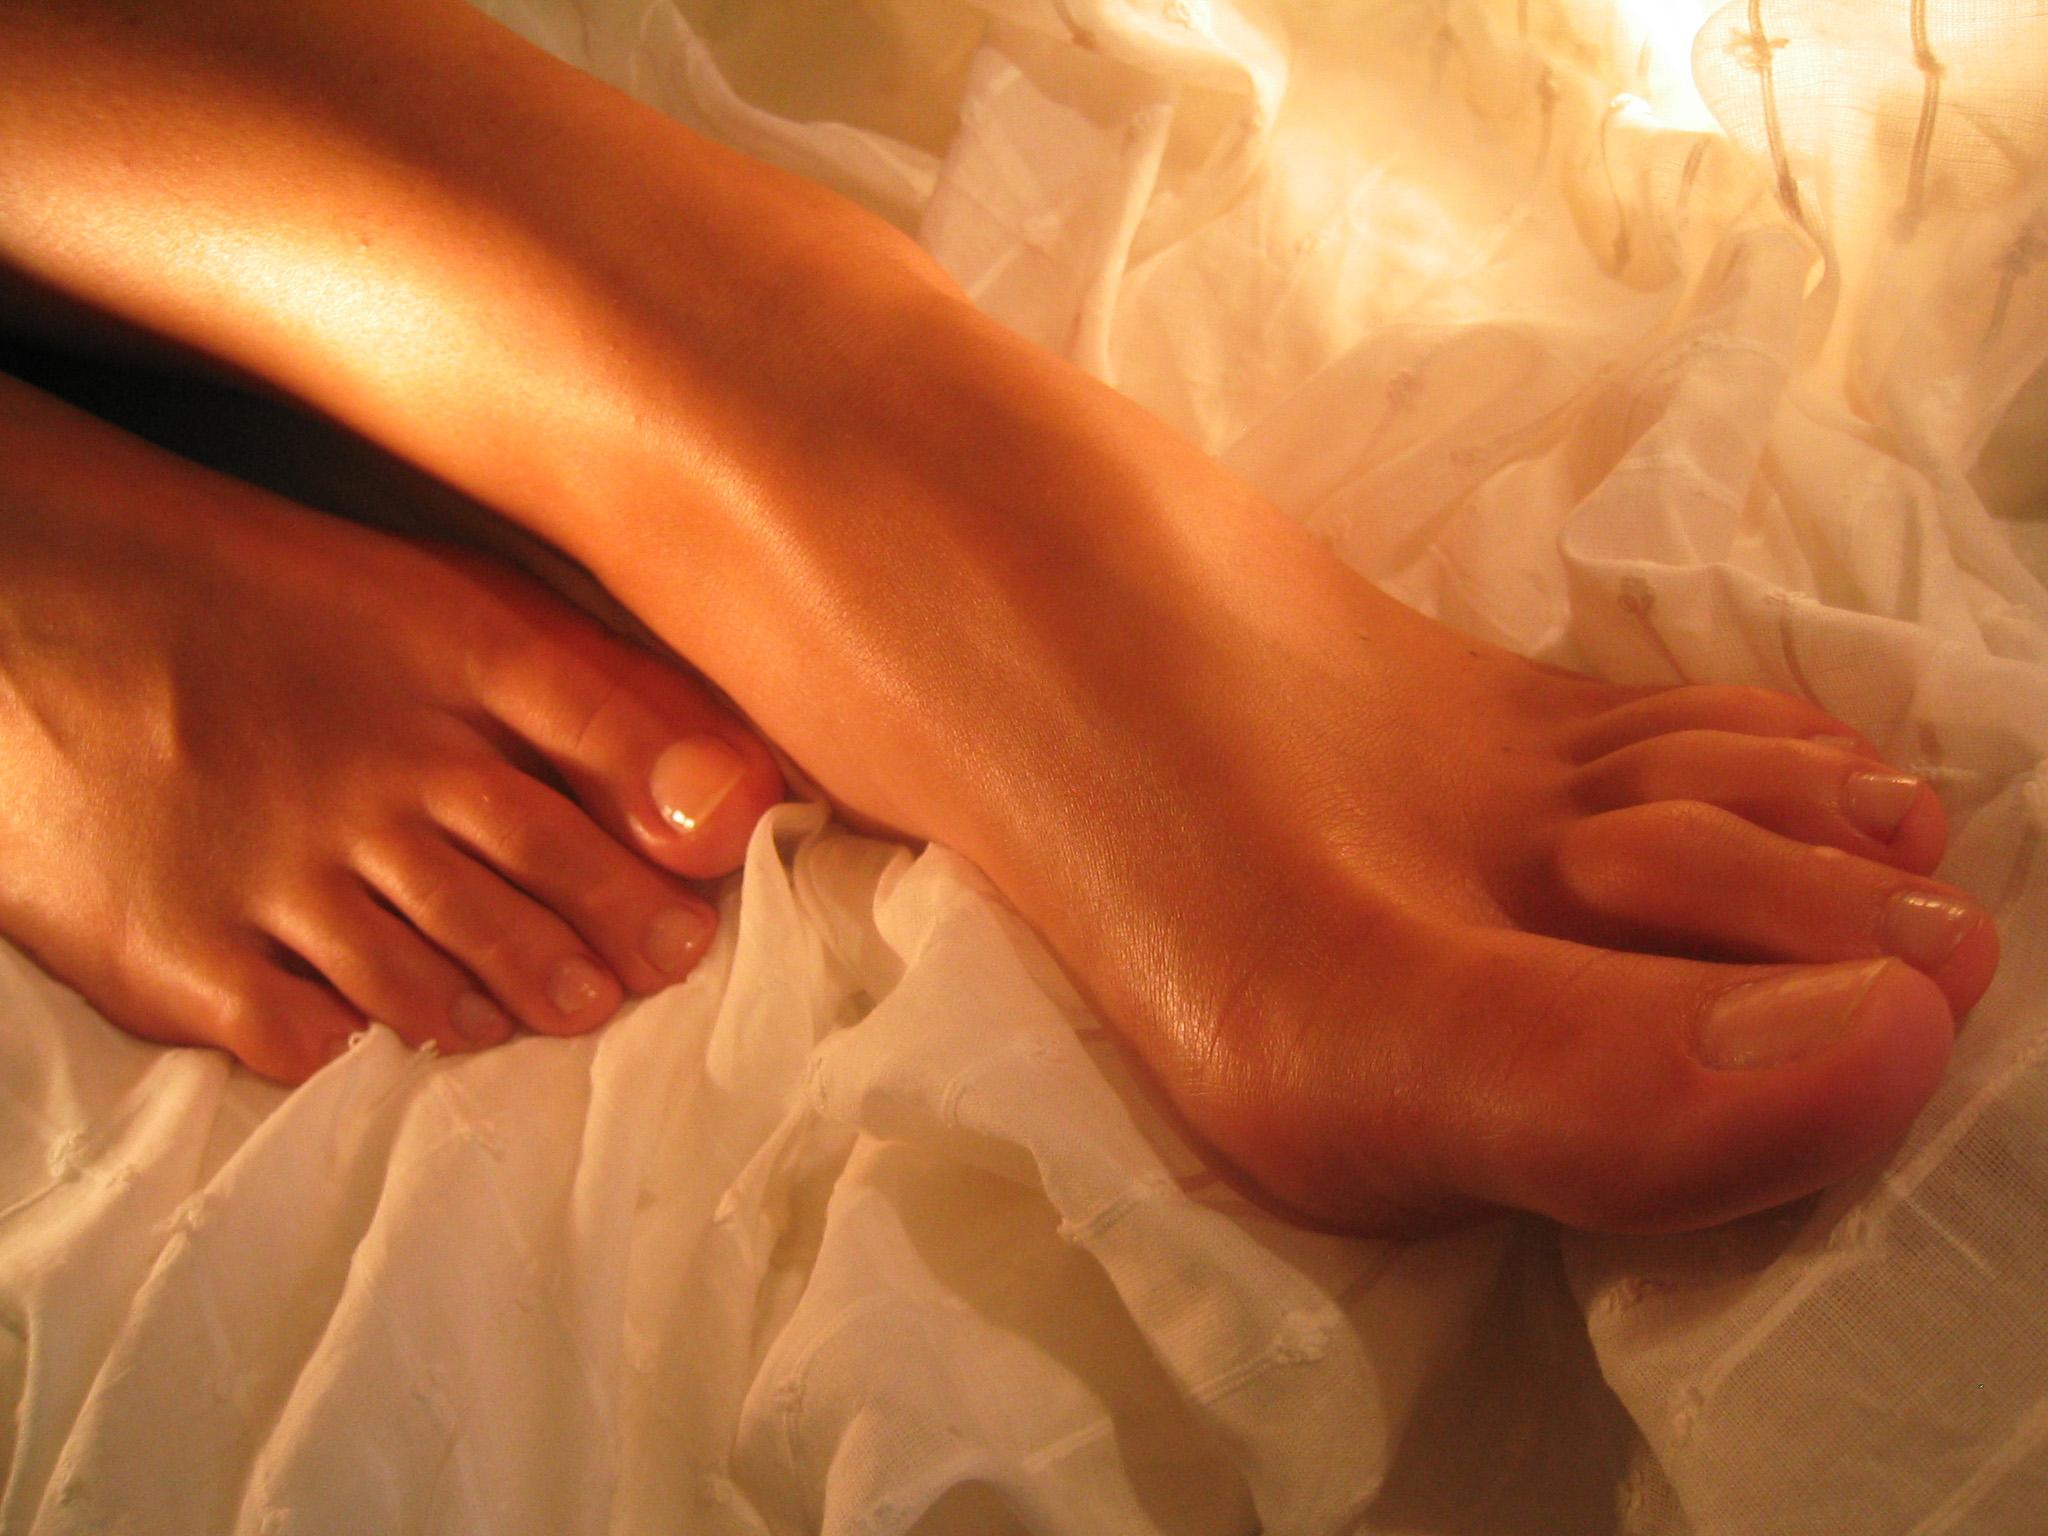 Фото пальчики ног 16 фотография